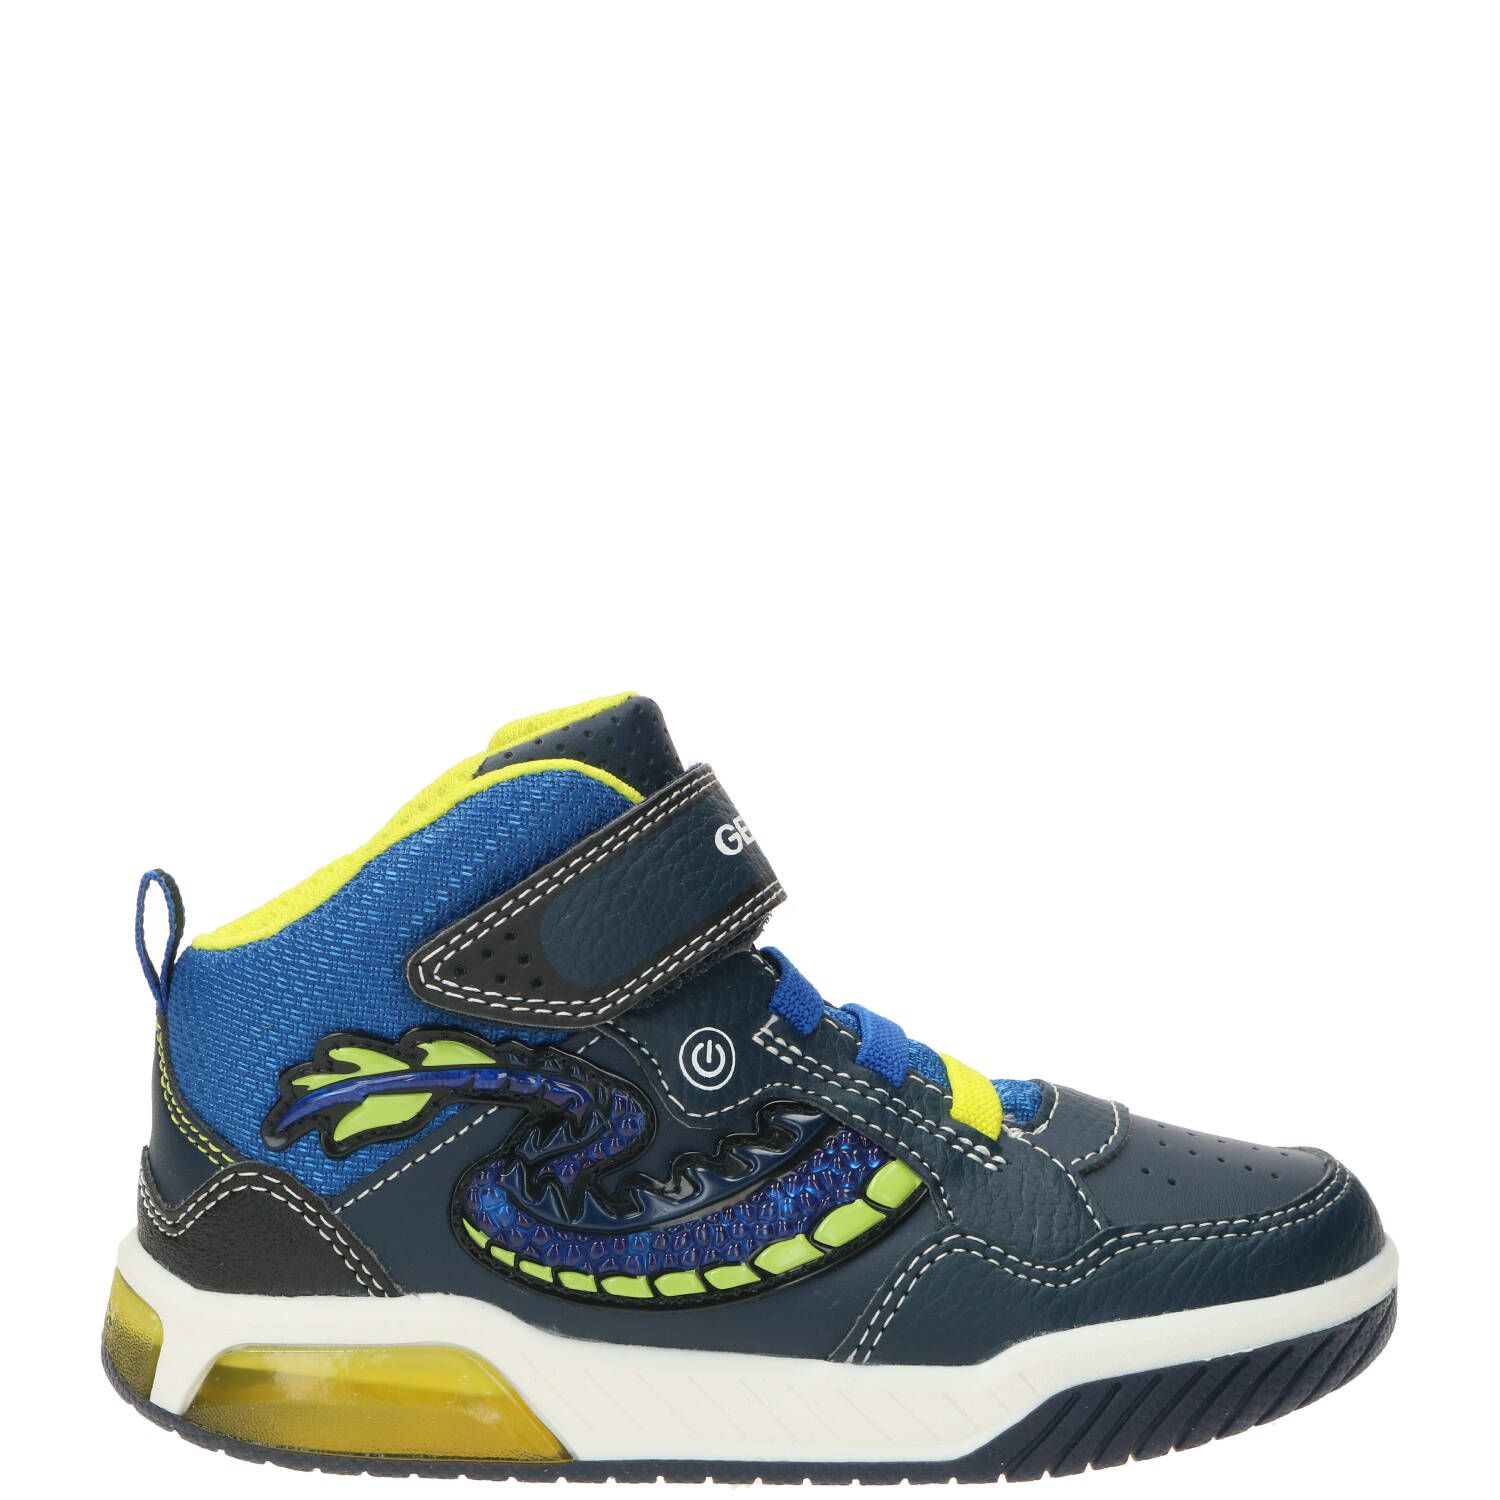 Geox jongensboot, Lage schoenen, Jongen, Maat 30, blauw/multi